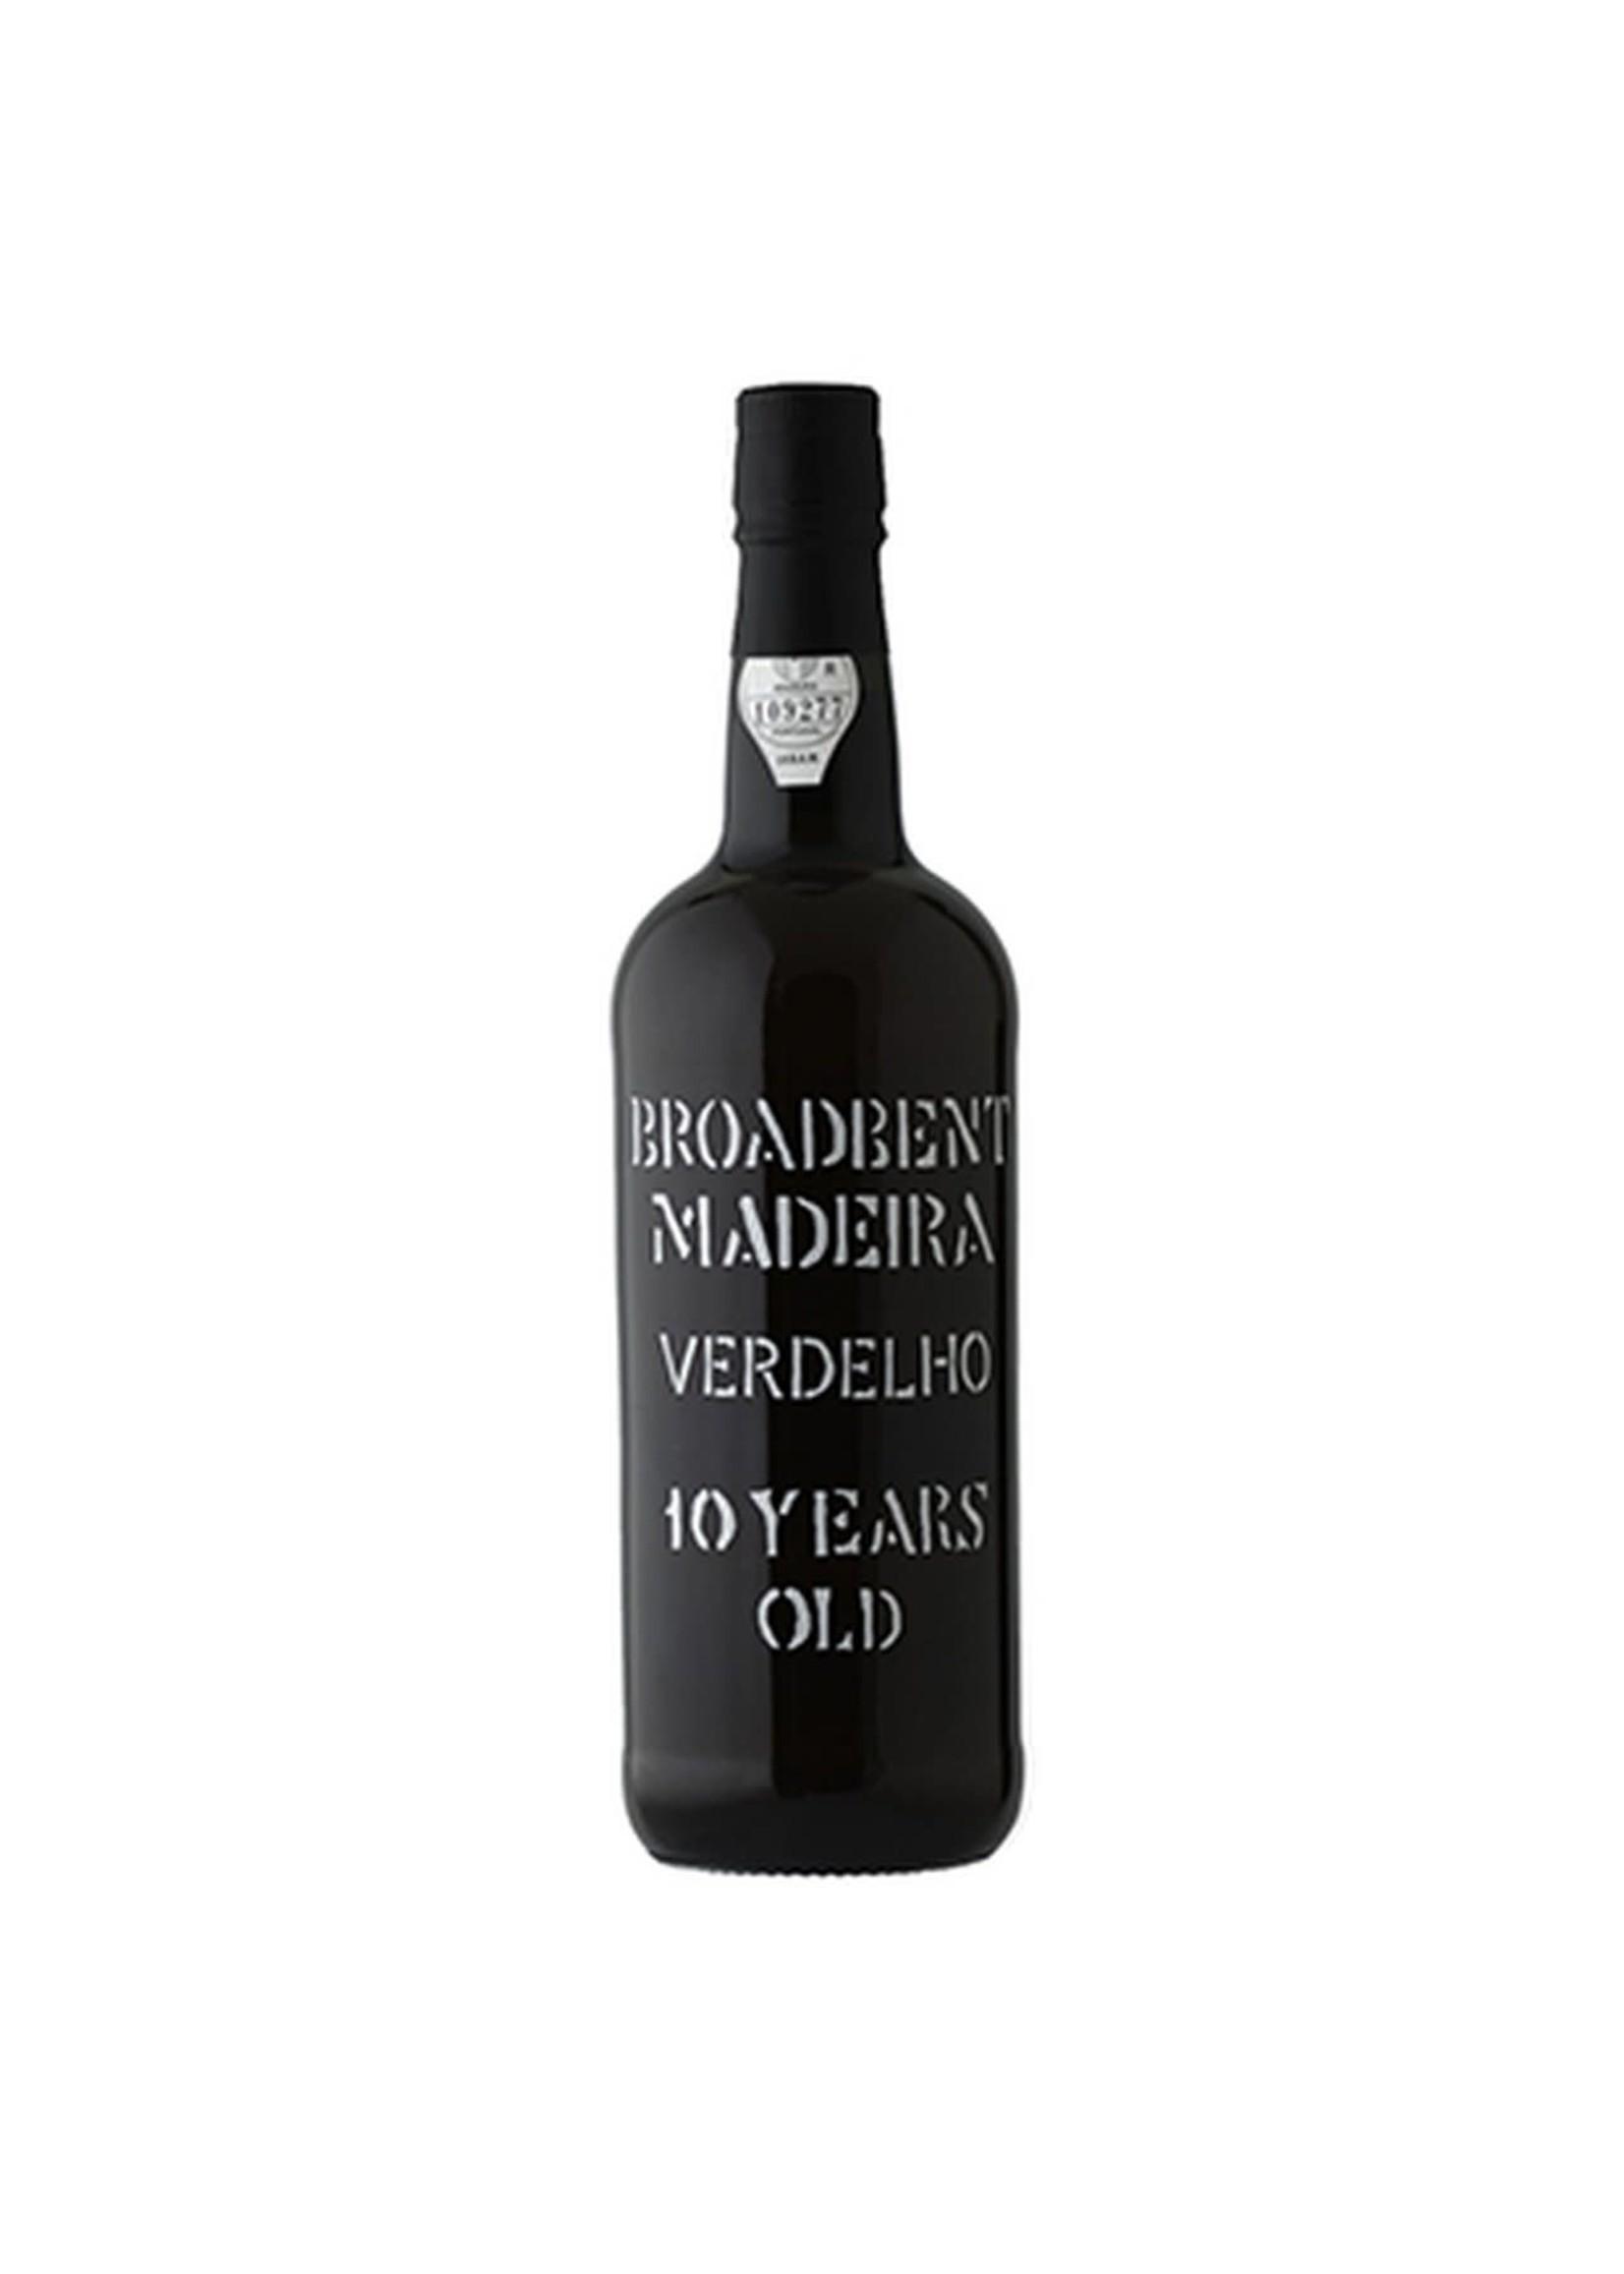 Broadbent Broadbent Madeira / 10 Year Old Sercial (NV) / 750mL